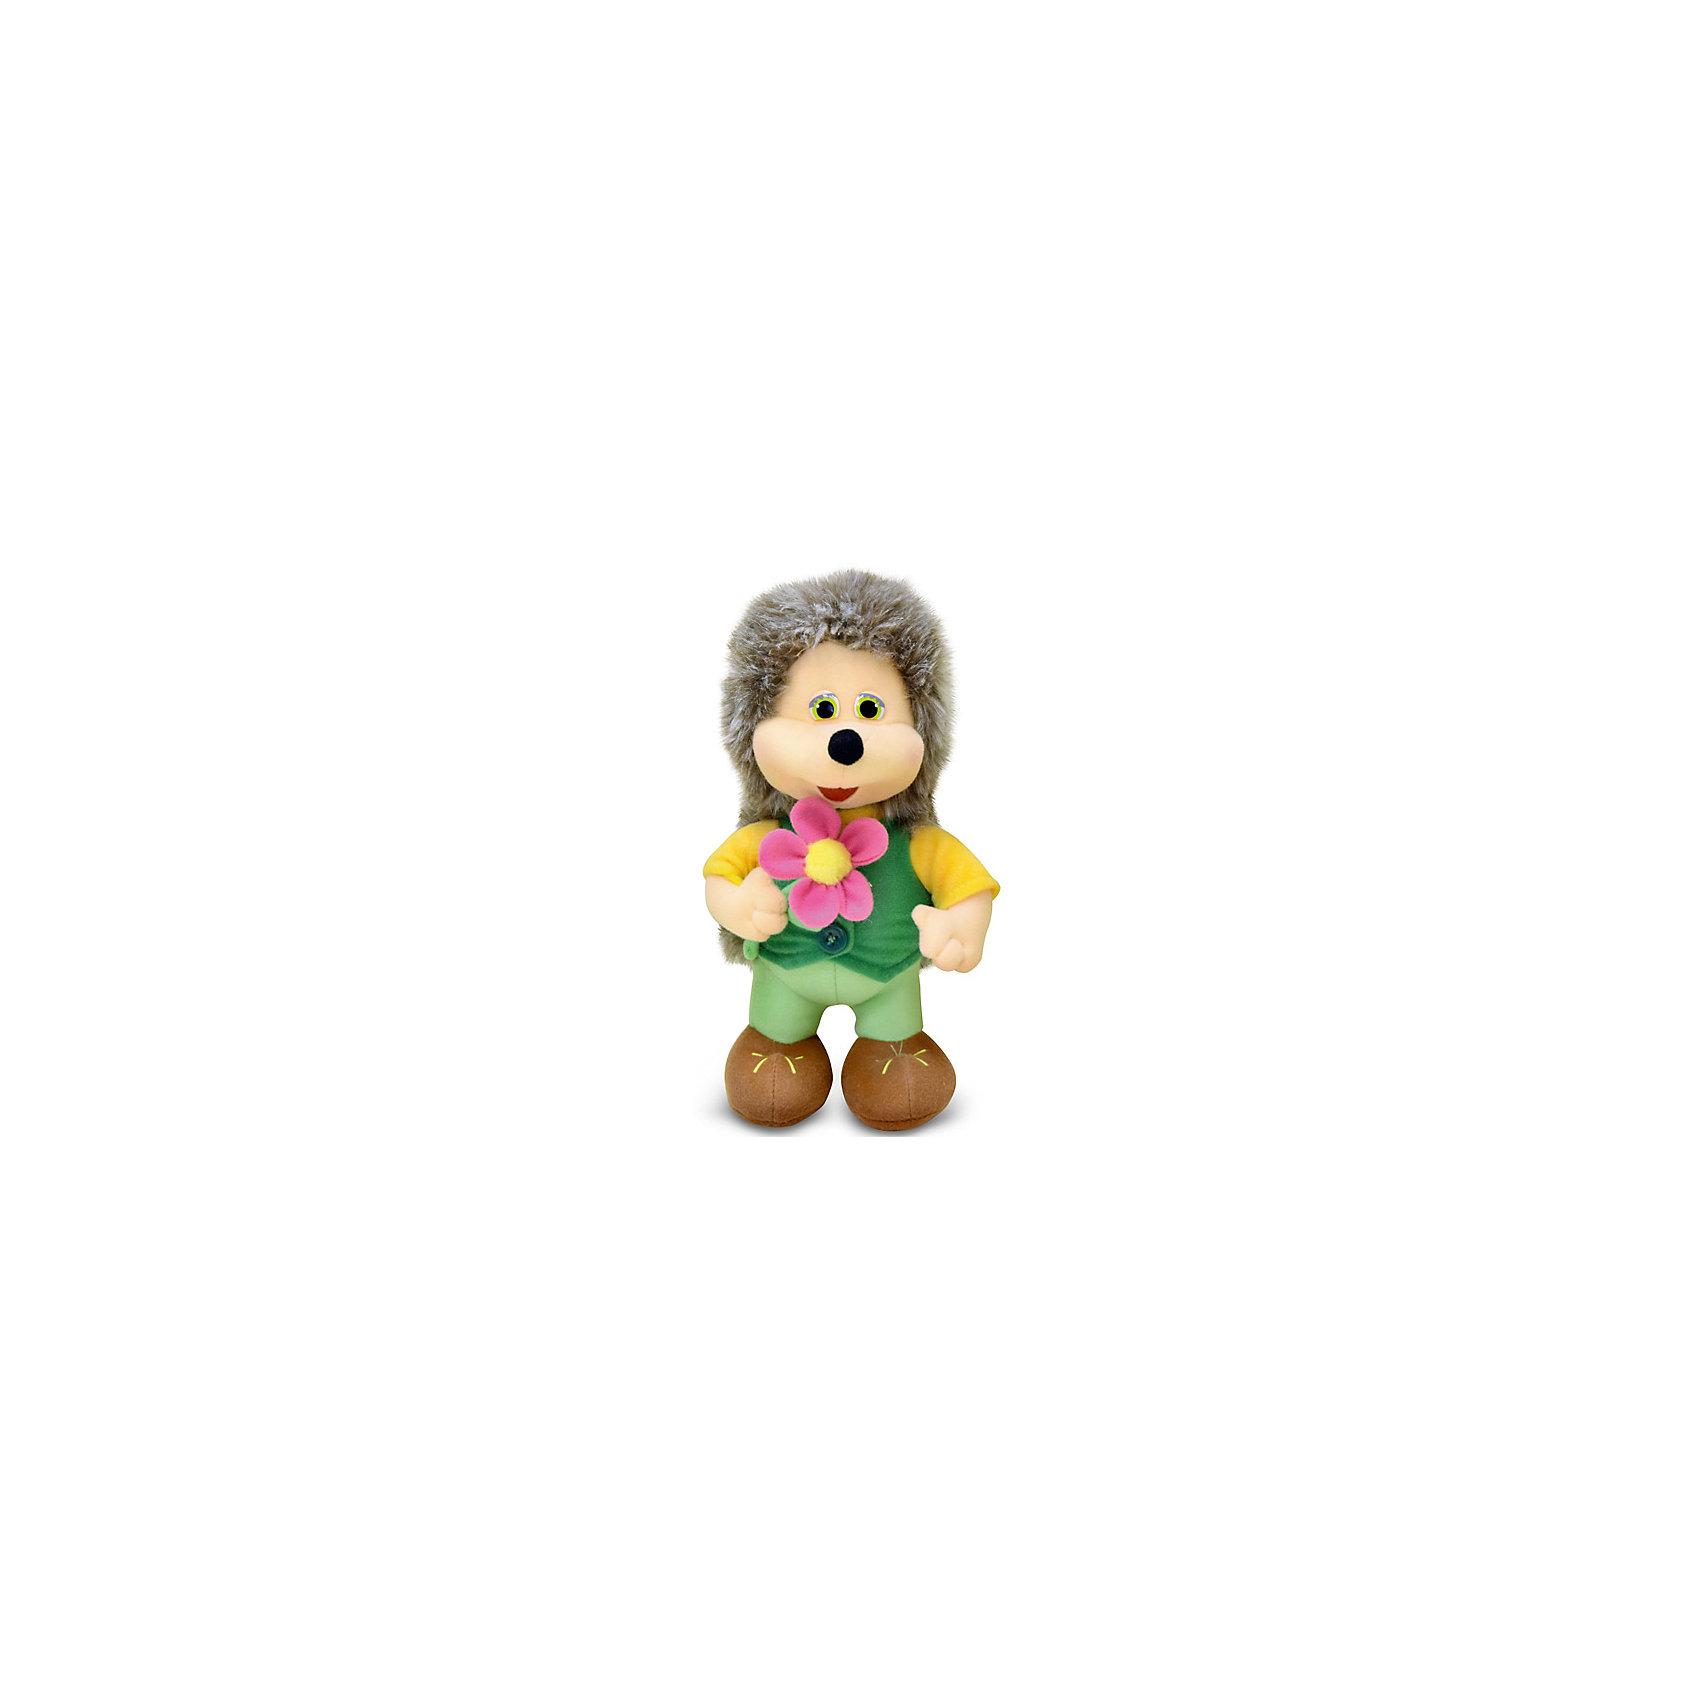 Ёжик с цветком, музыкальный, 25 см, LAVA